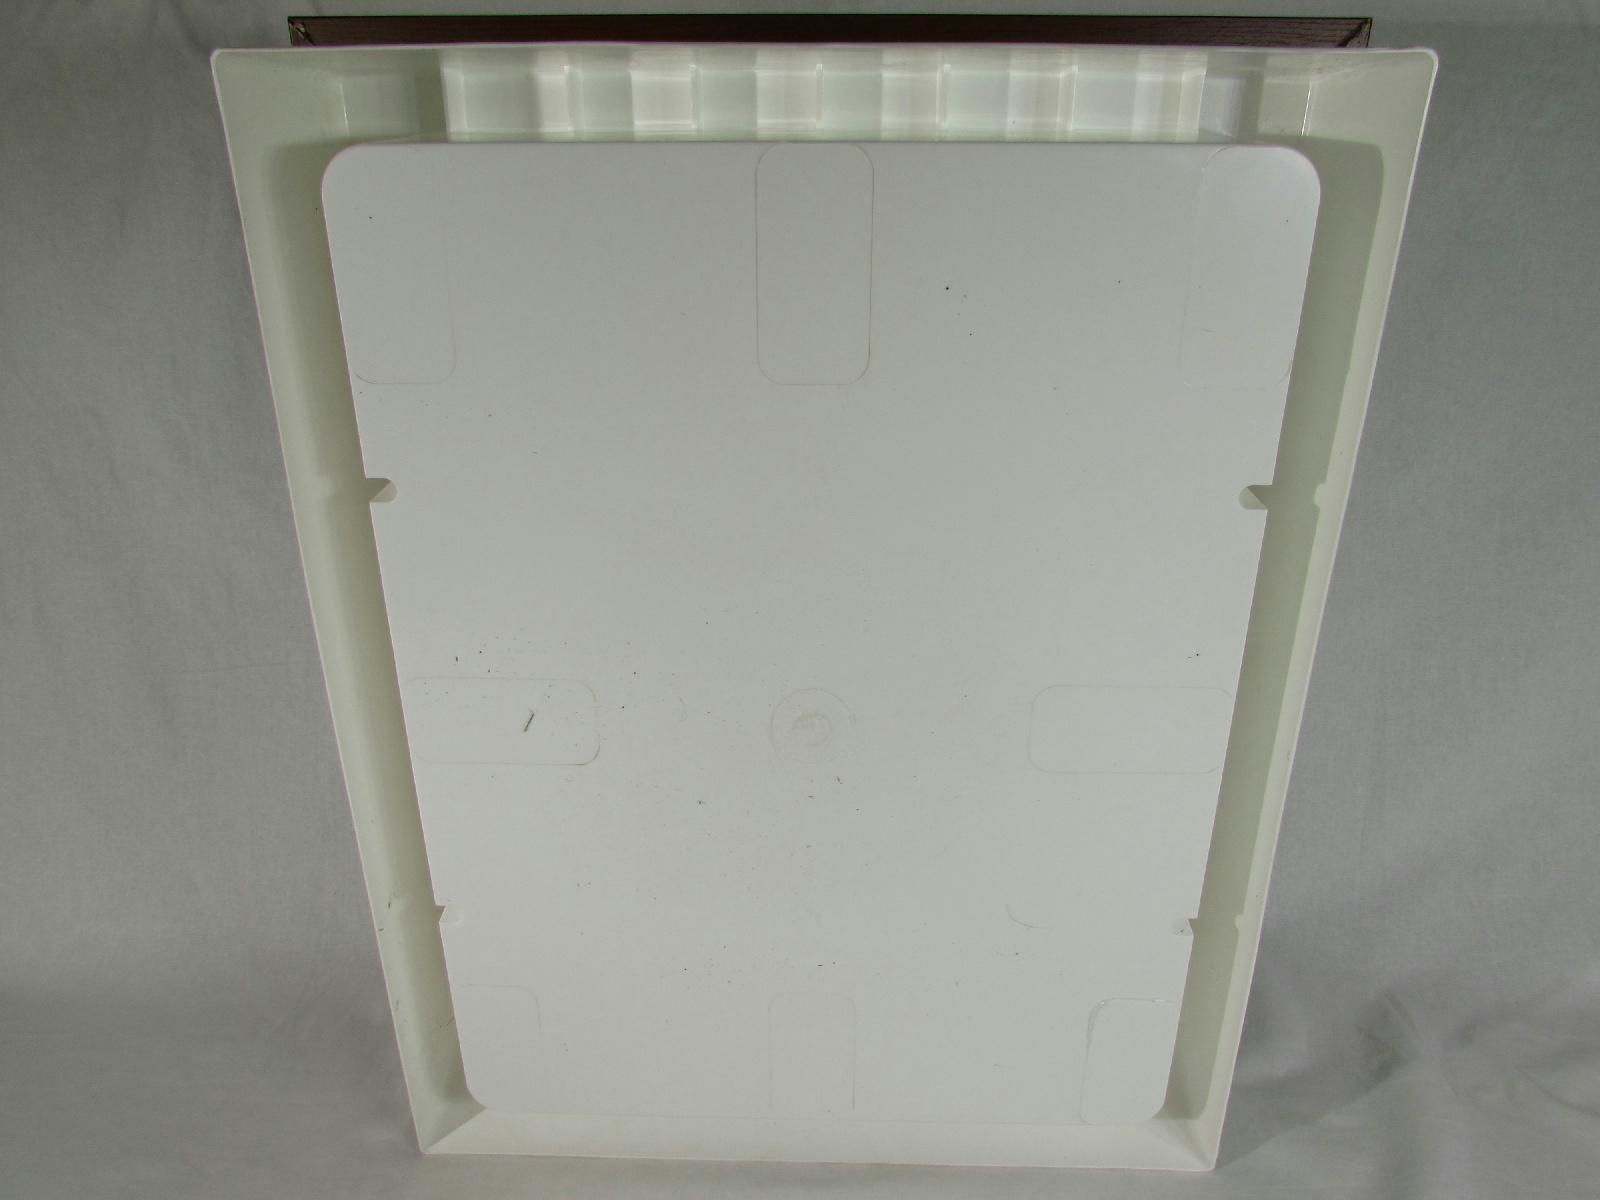 Custom Wood Grain Plastic Rv Medicine Cabinet Actual